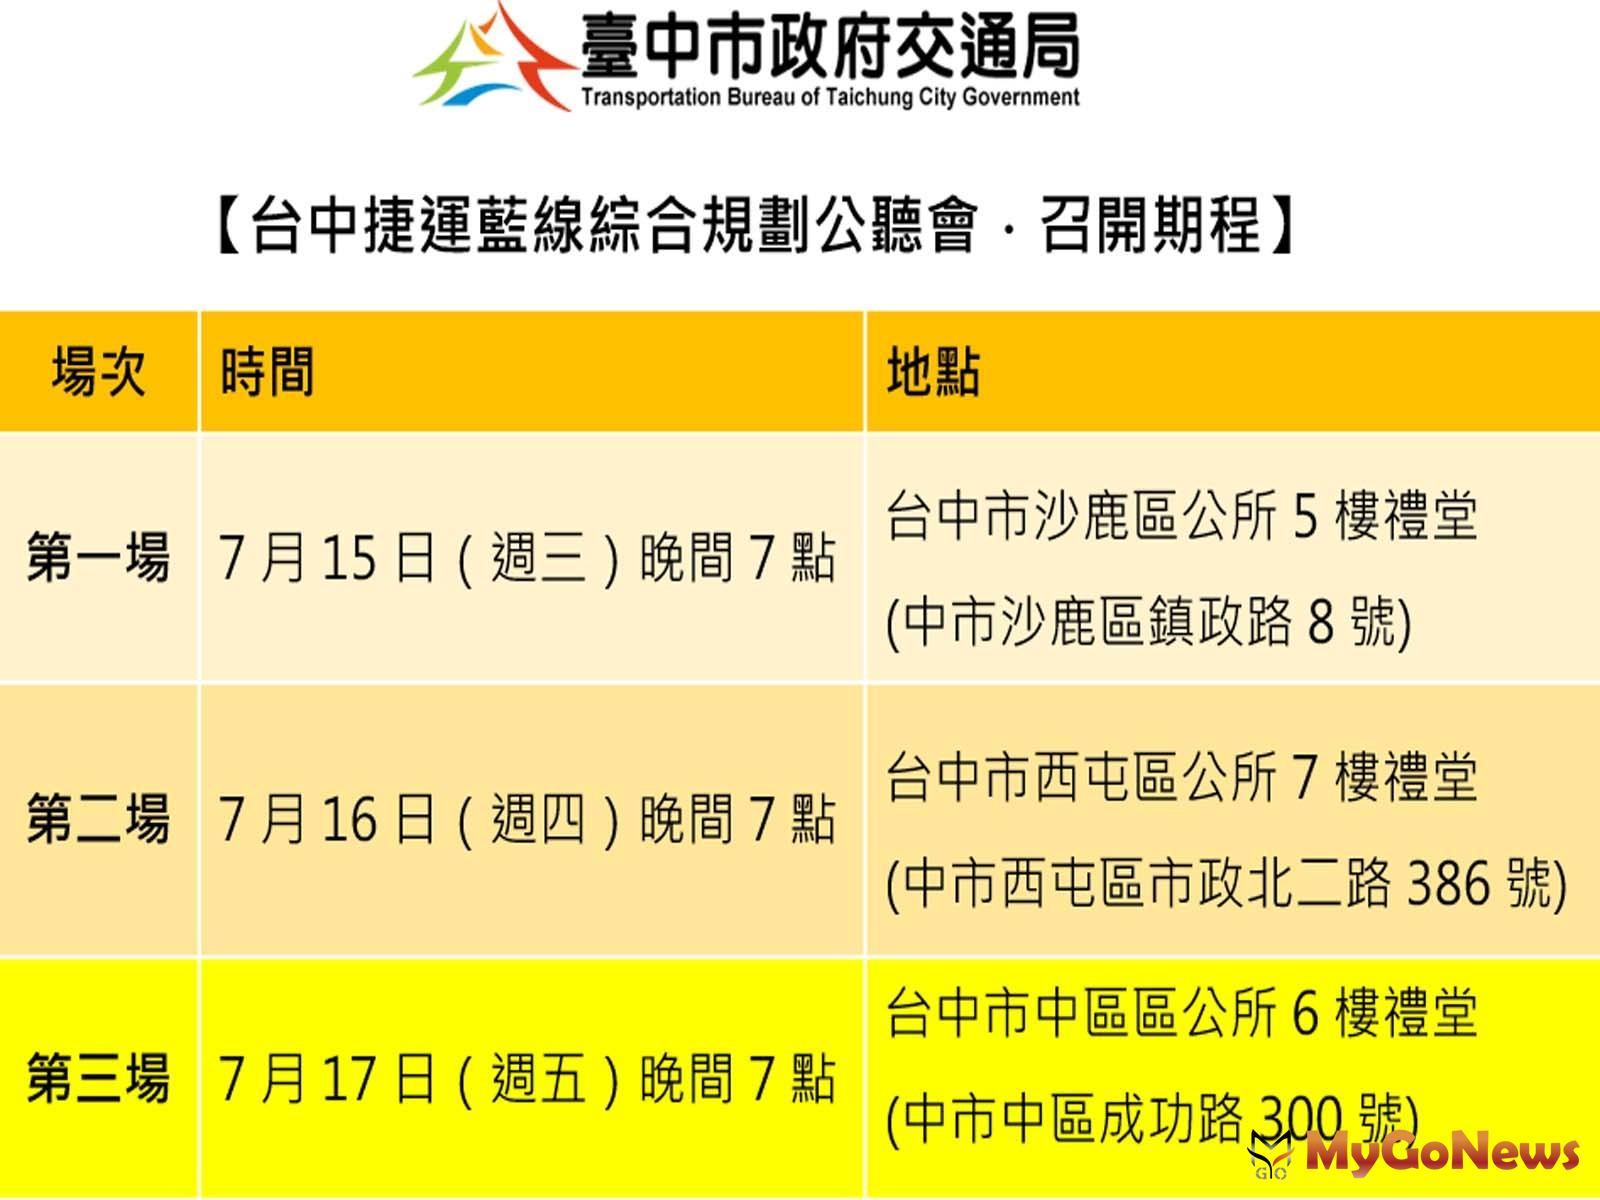 「台中捷運藍線綜合規劃公聽會」7/15起連辦三場 MyGoNews房地產新聞 區域情報